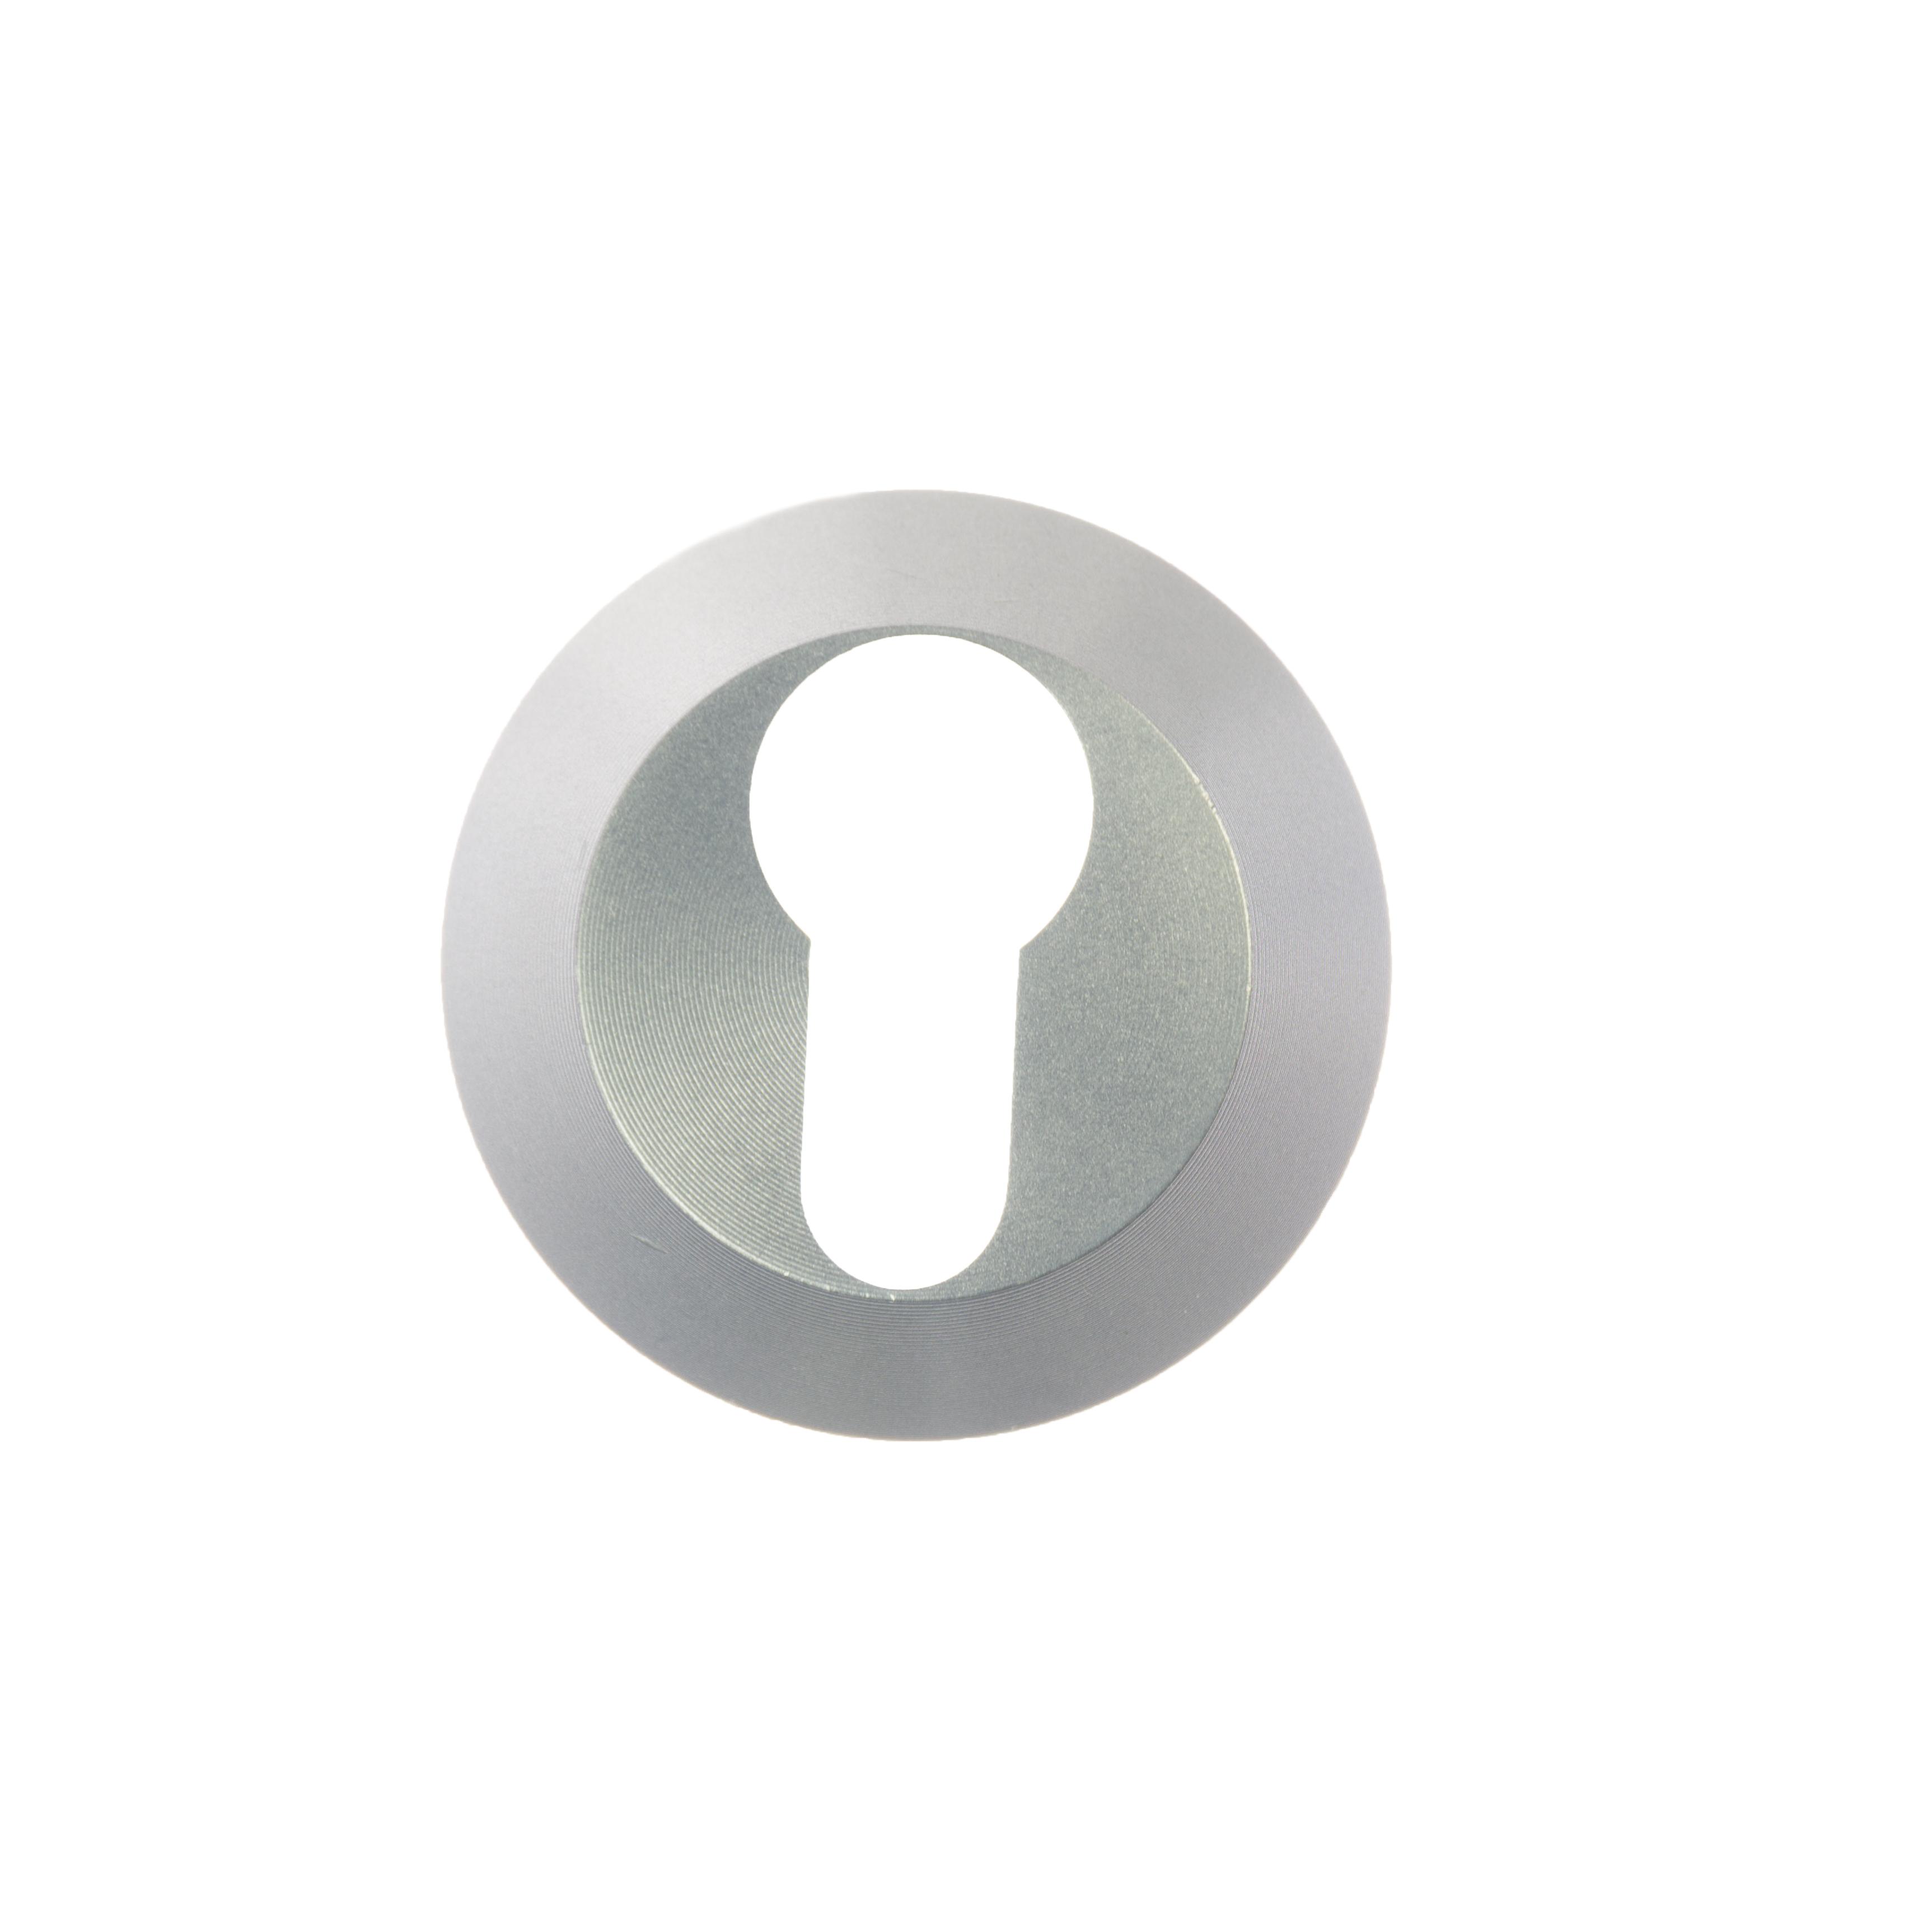 Veiligheidsrozet SKG** voor profielcilinder